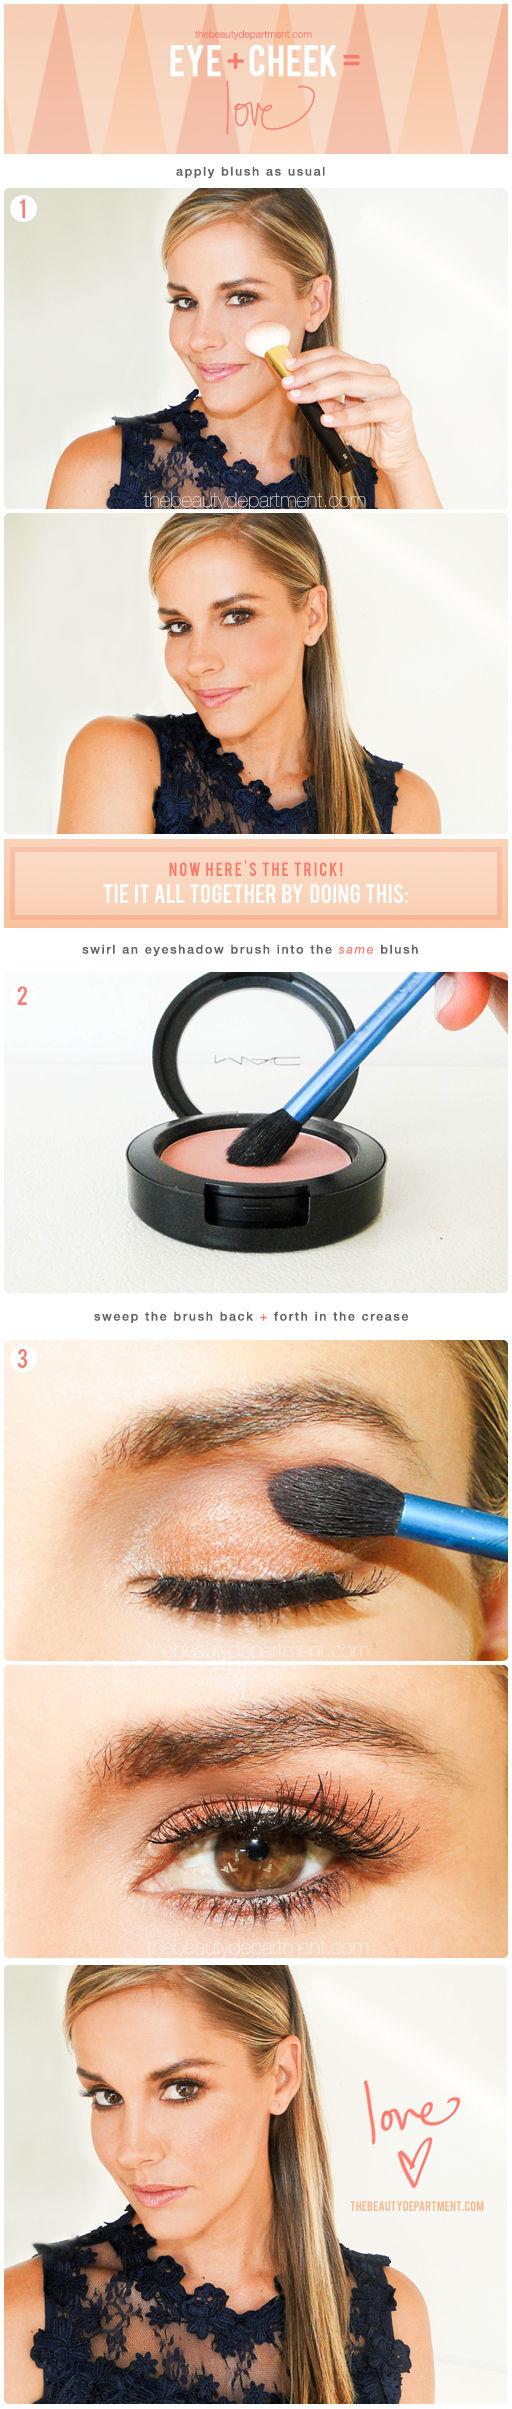 Truco maquillaje de ojos, colorete como sombra de ojos